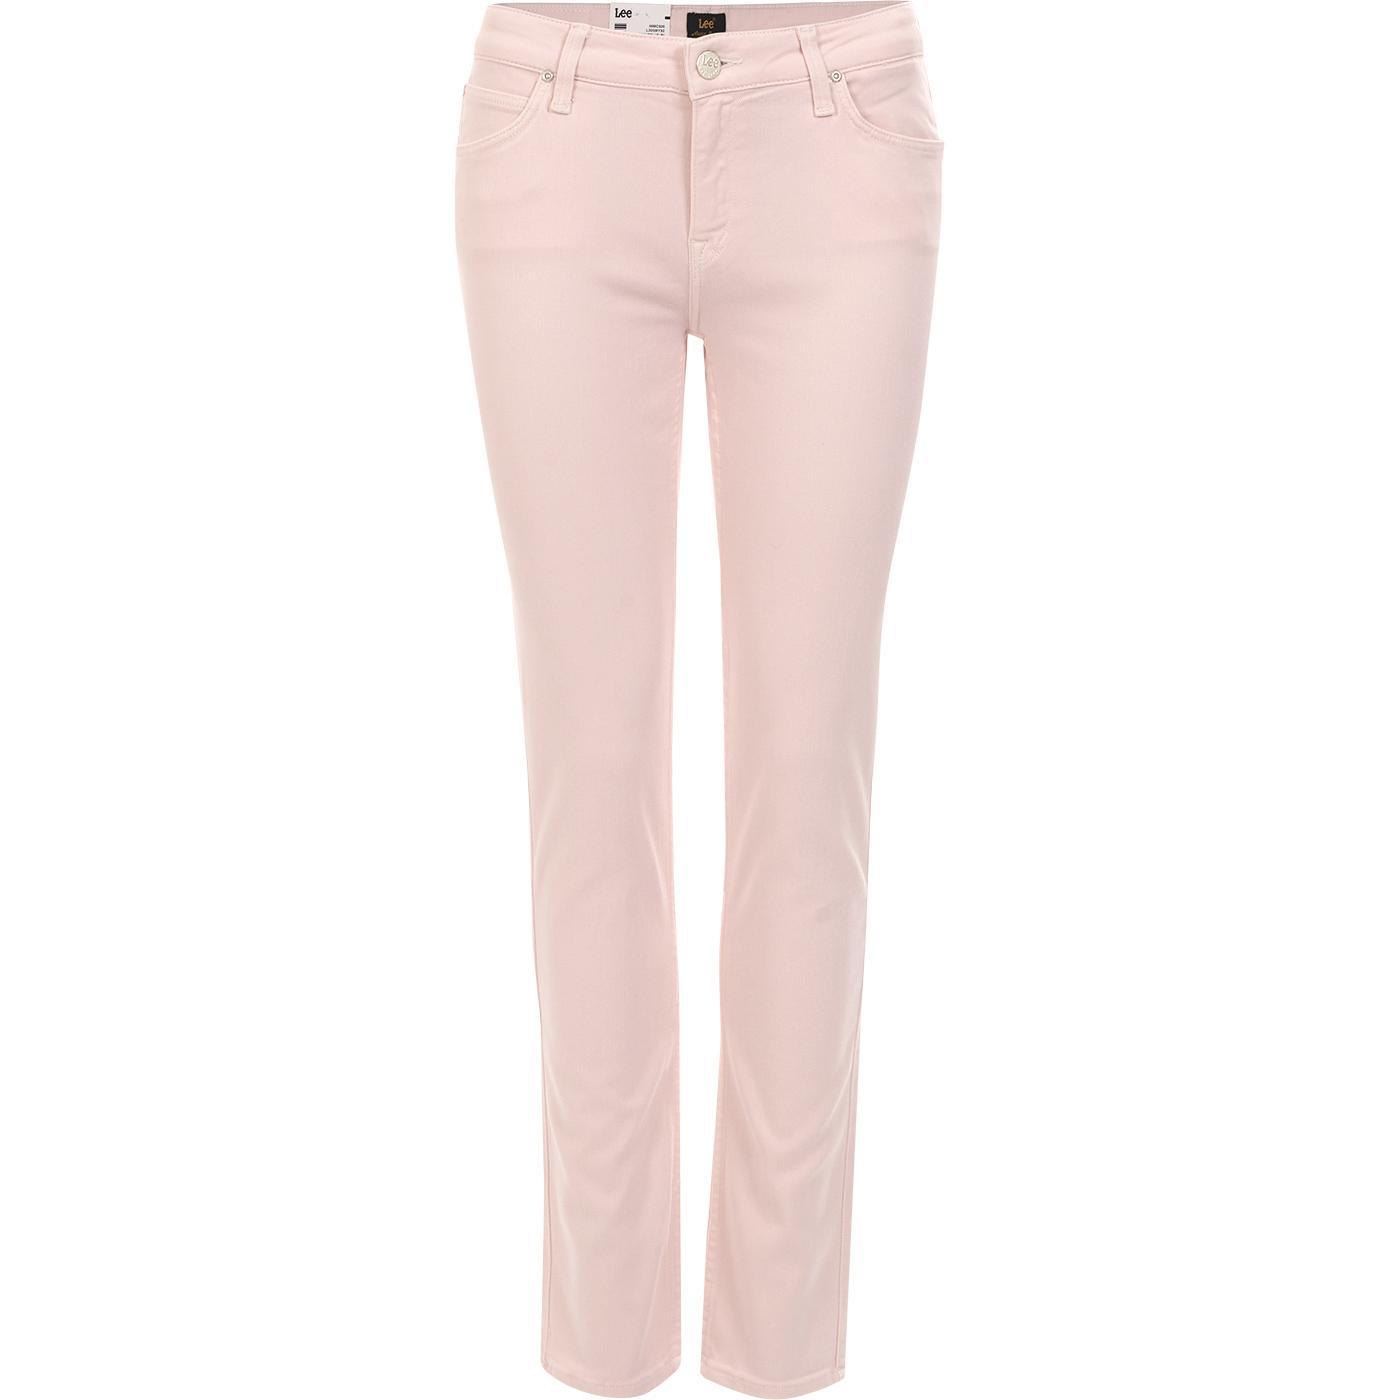 Elly LEE JEANS Slim Leg Pastel Jeans PINK